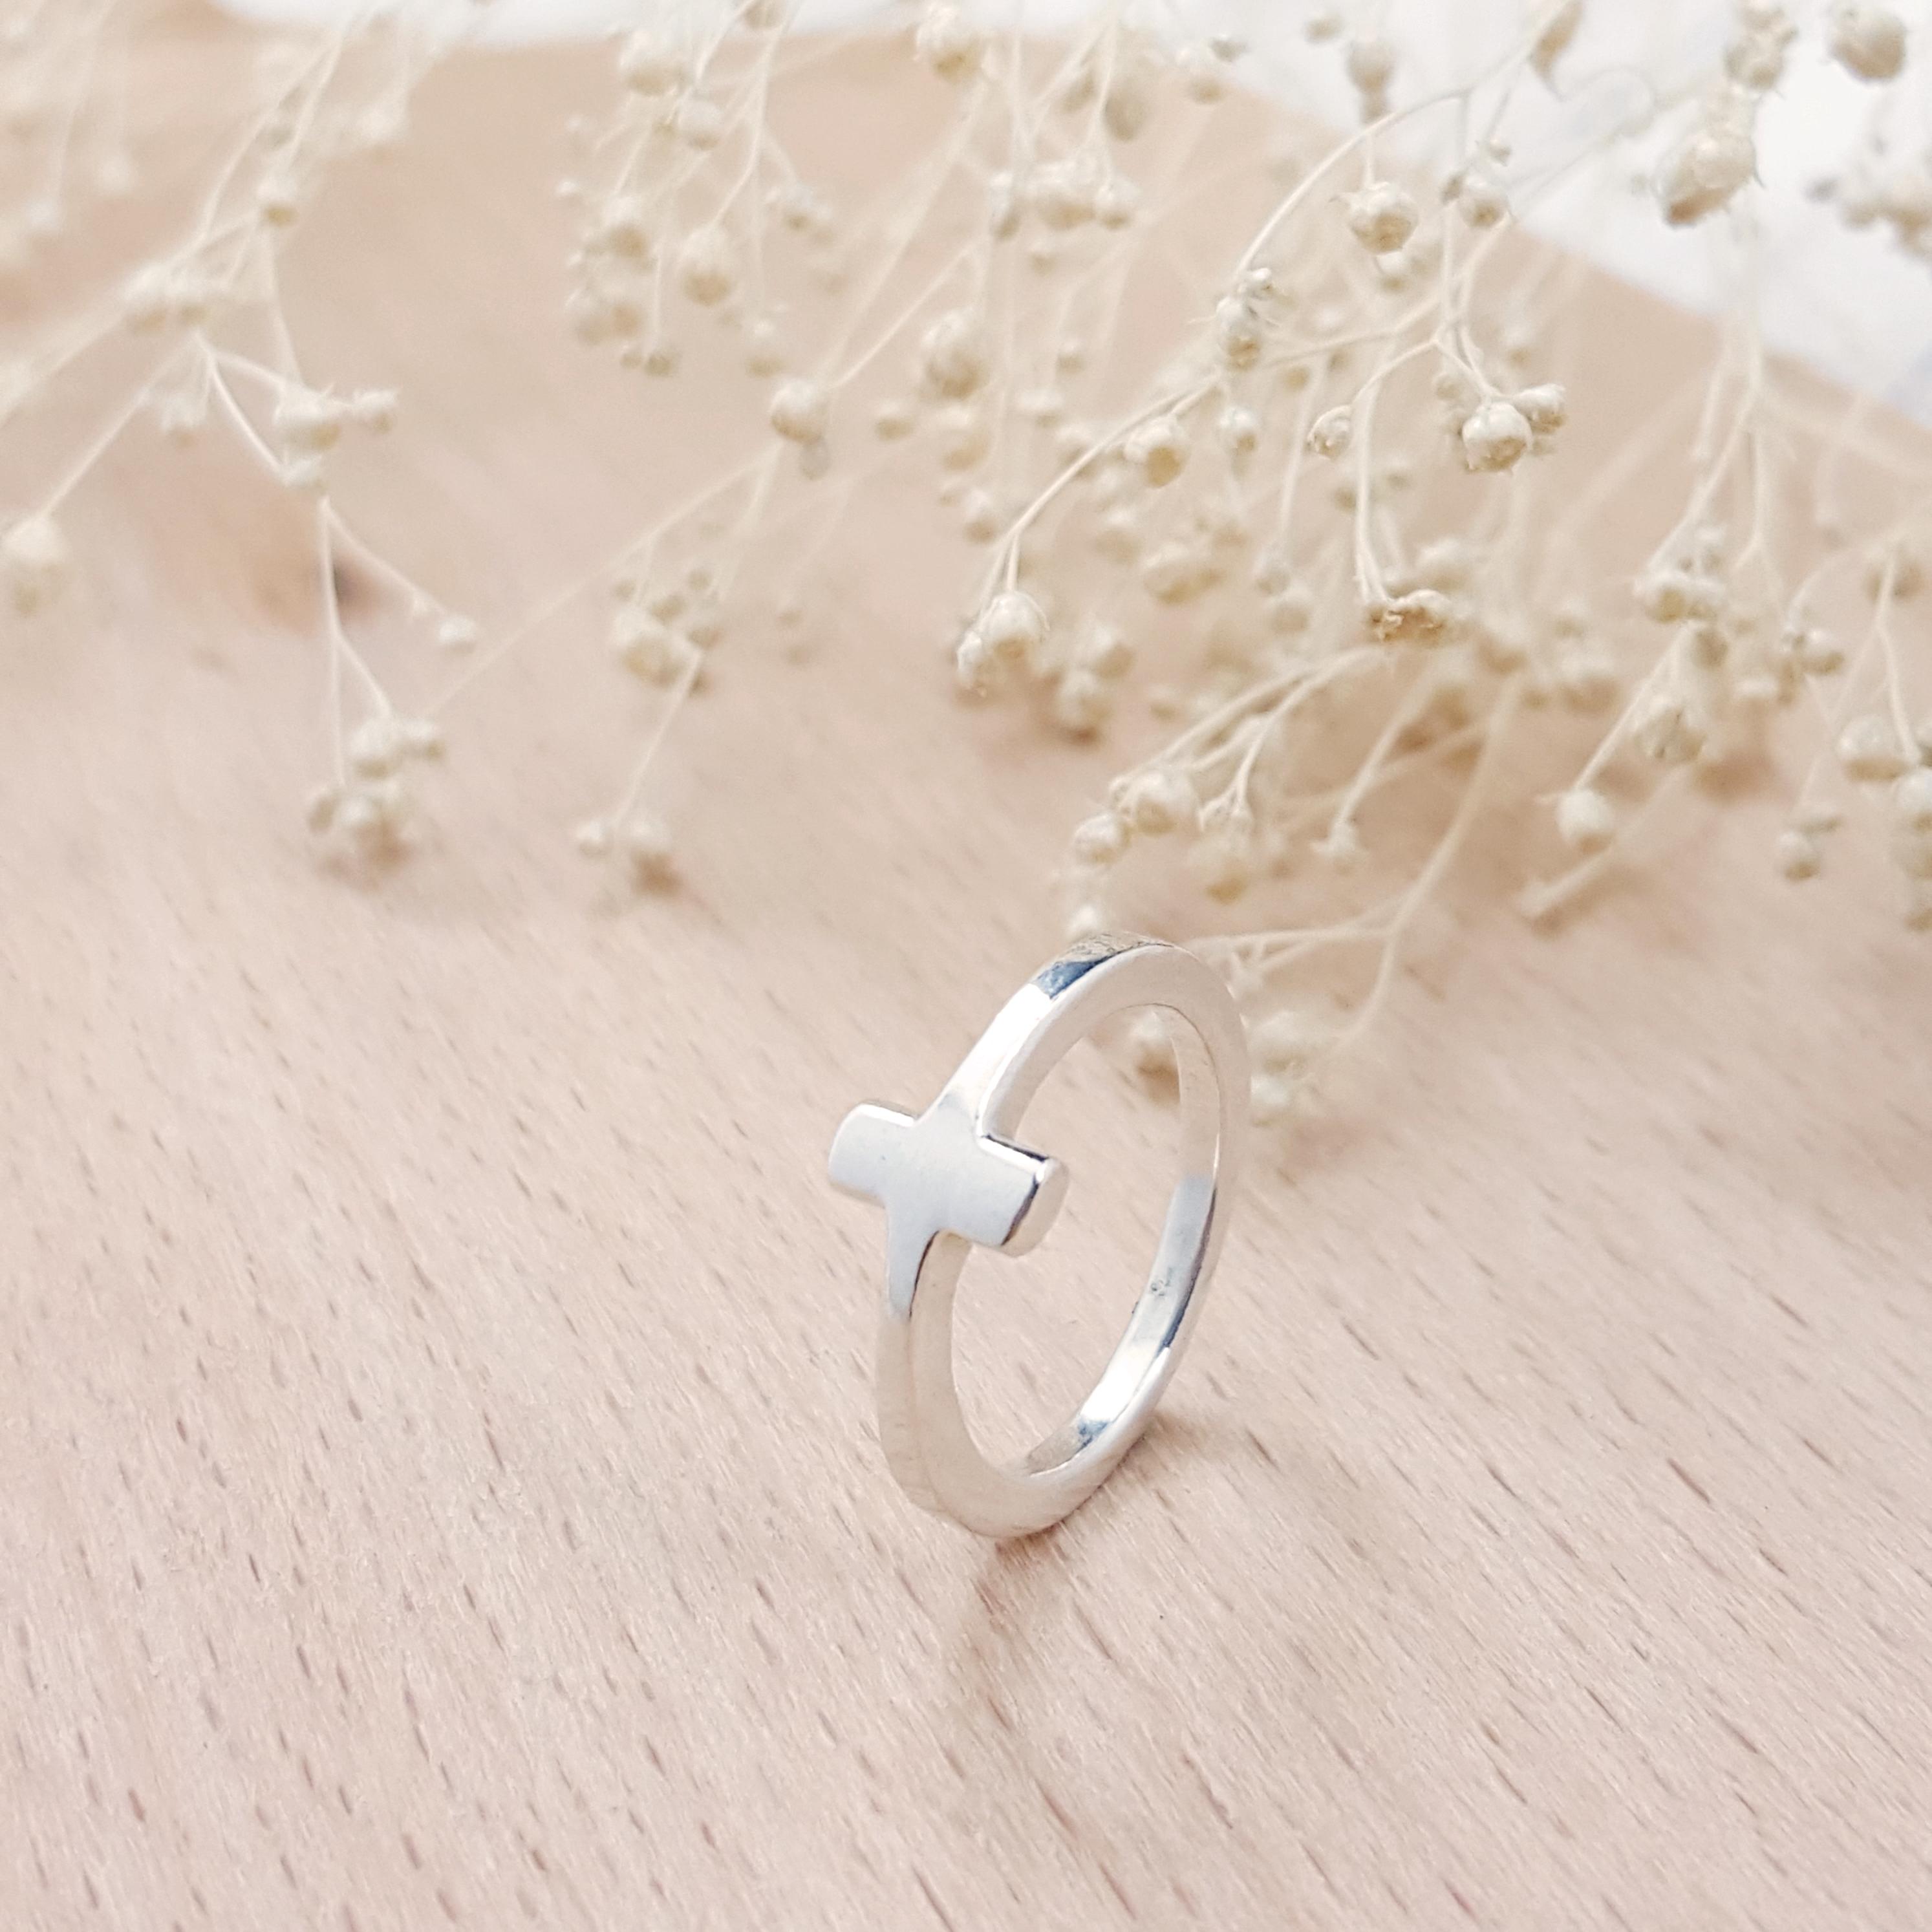 十_925純銀 戒指  #4   交換禮物  聖誕節